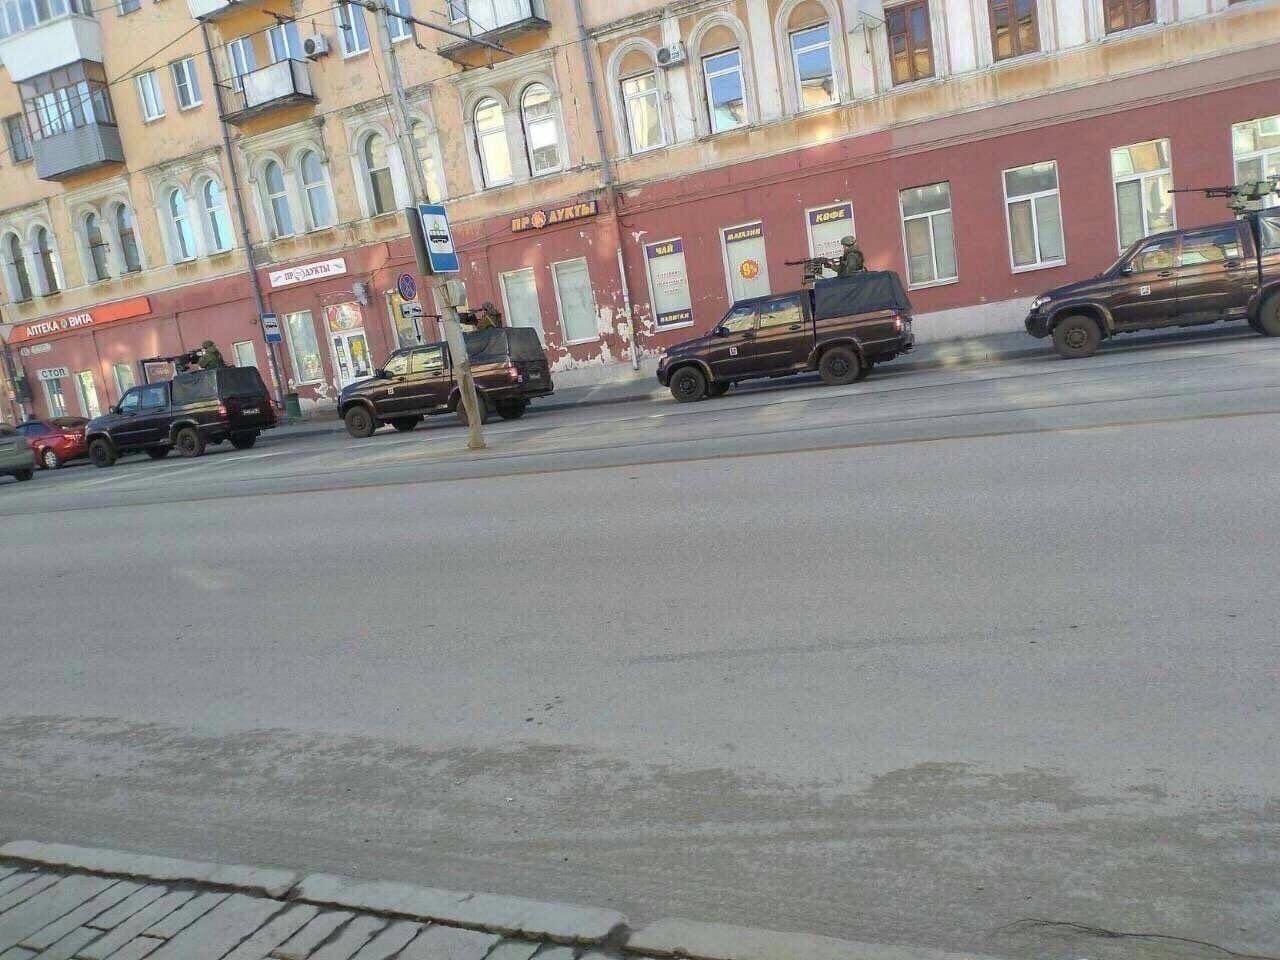 В российской Самаре на улицах появились военные с автоматами - жители РФ подозревают неладное, фото